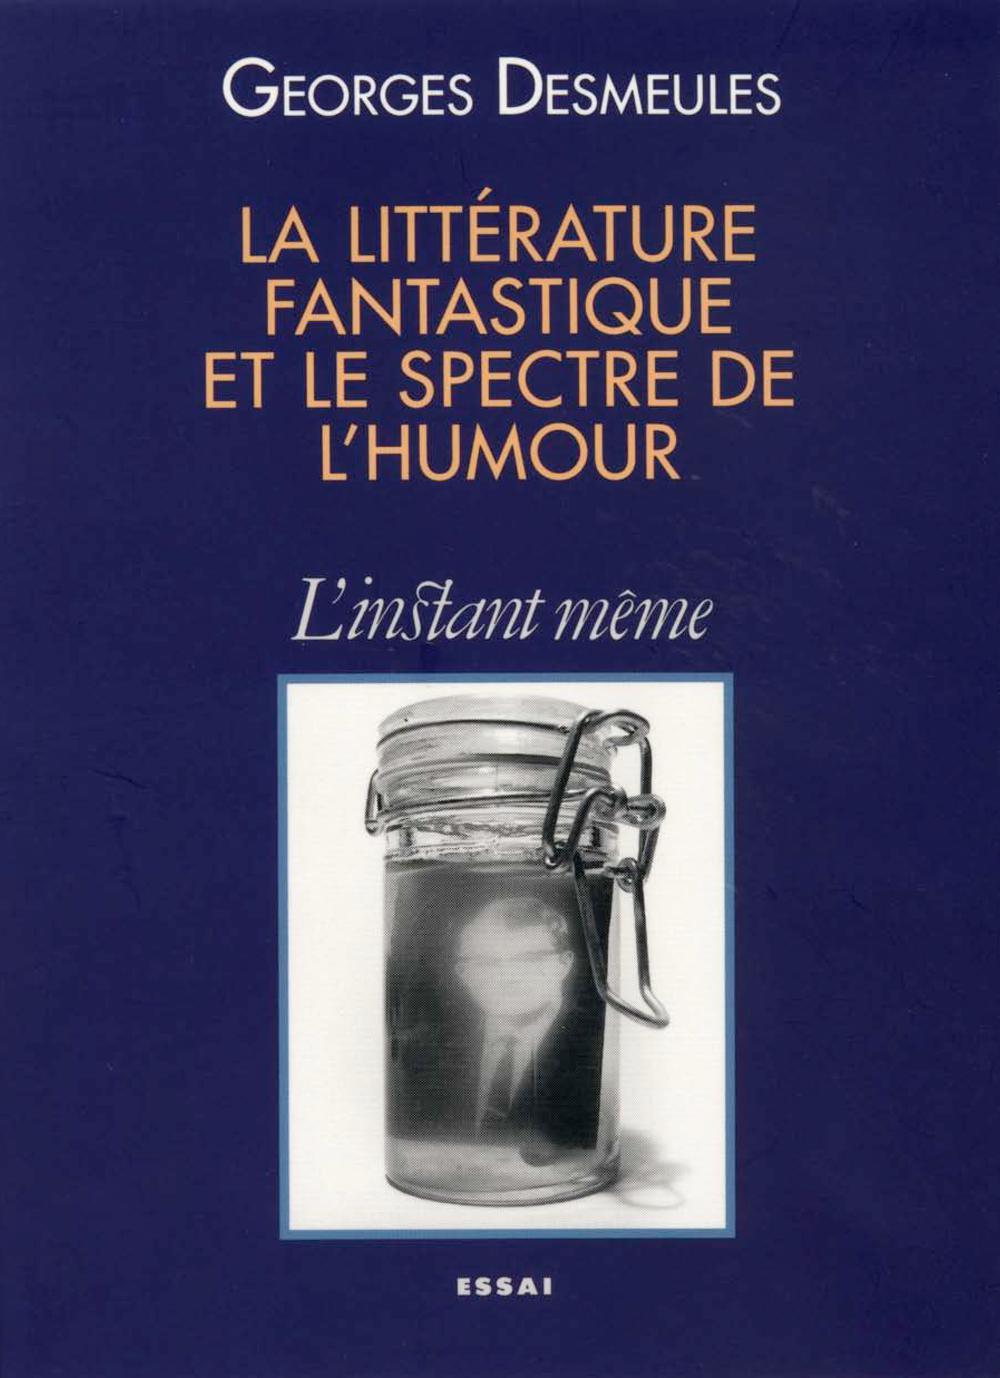 La littérature fantastique et le spectre de l'humour